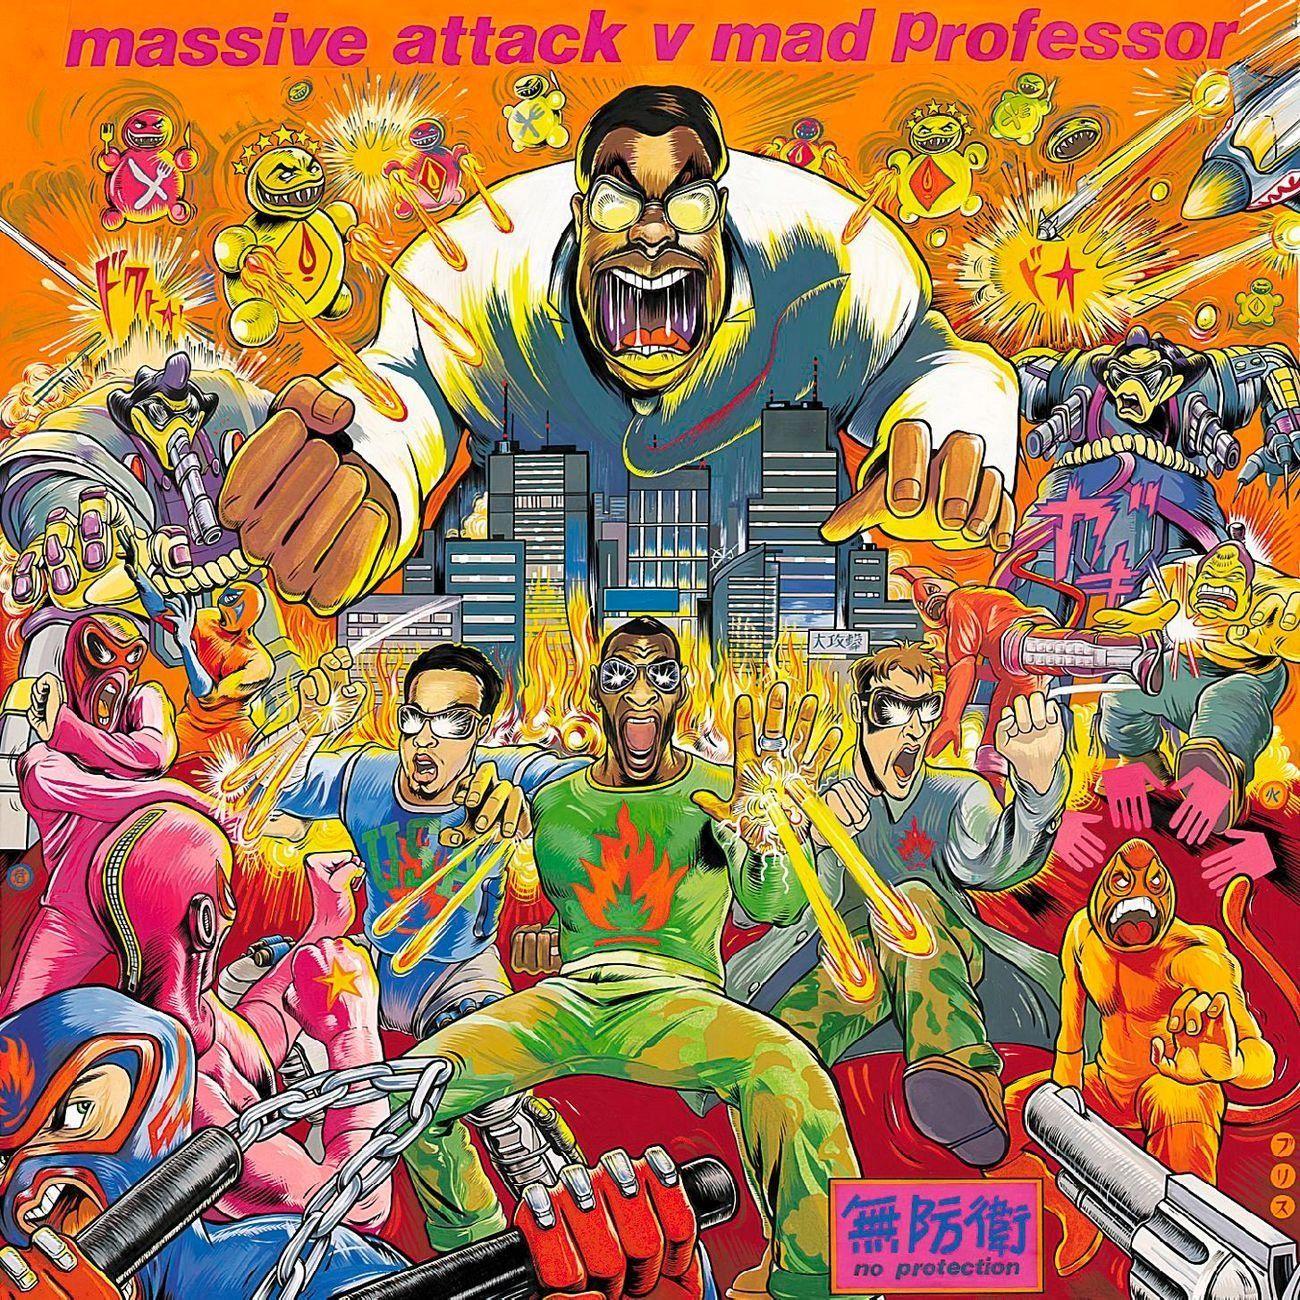 """Massive Attack vs Mad Professor """"No Protection"""""""